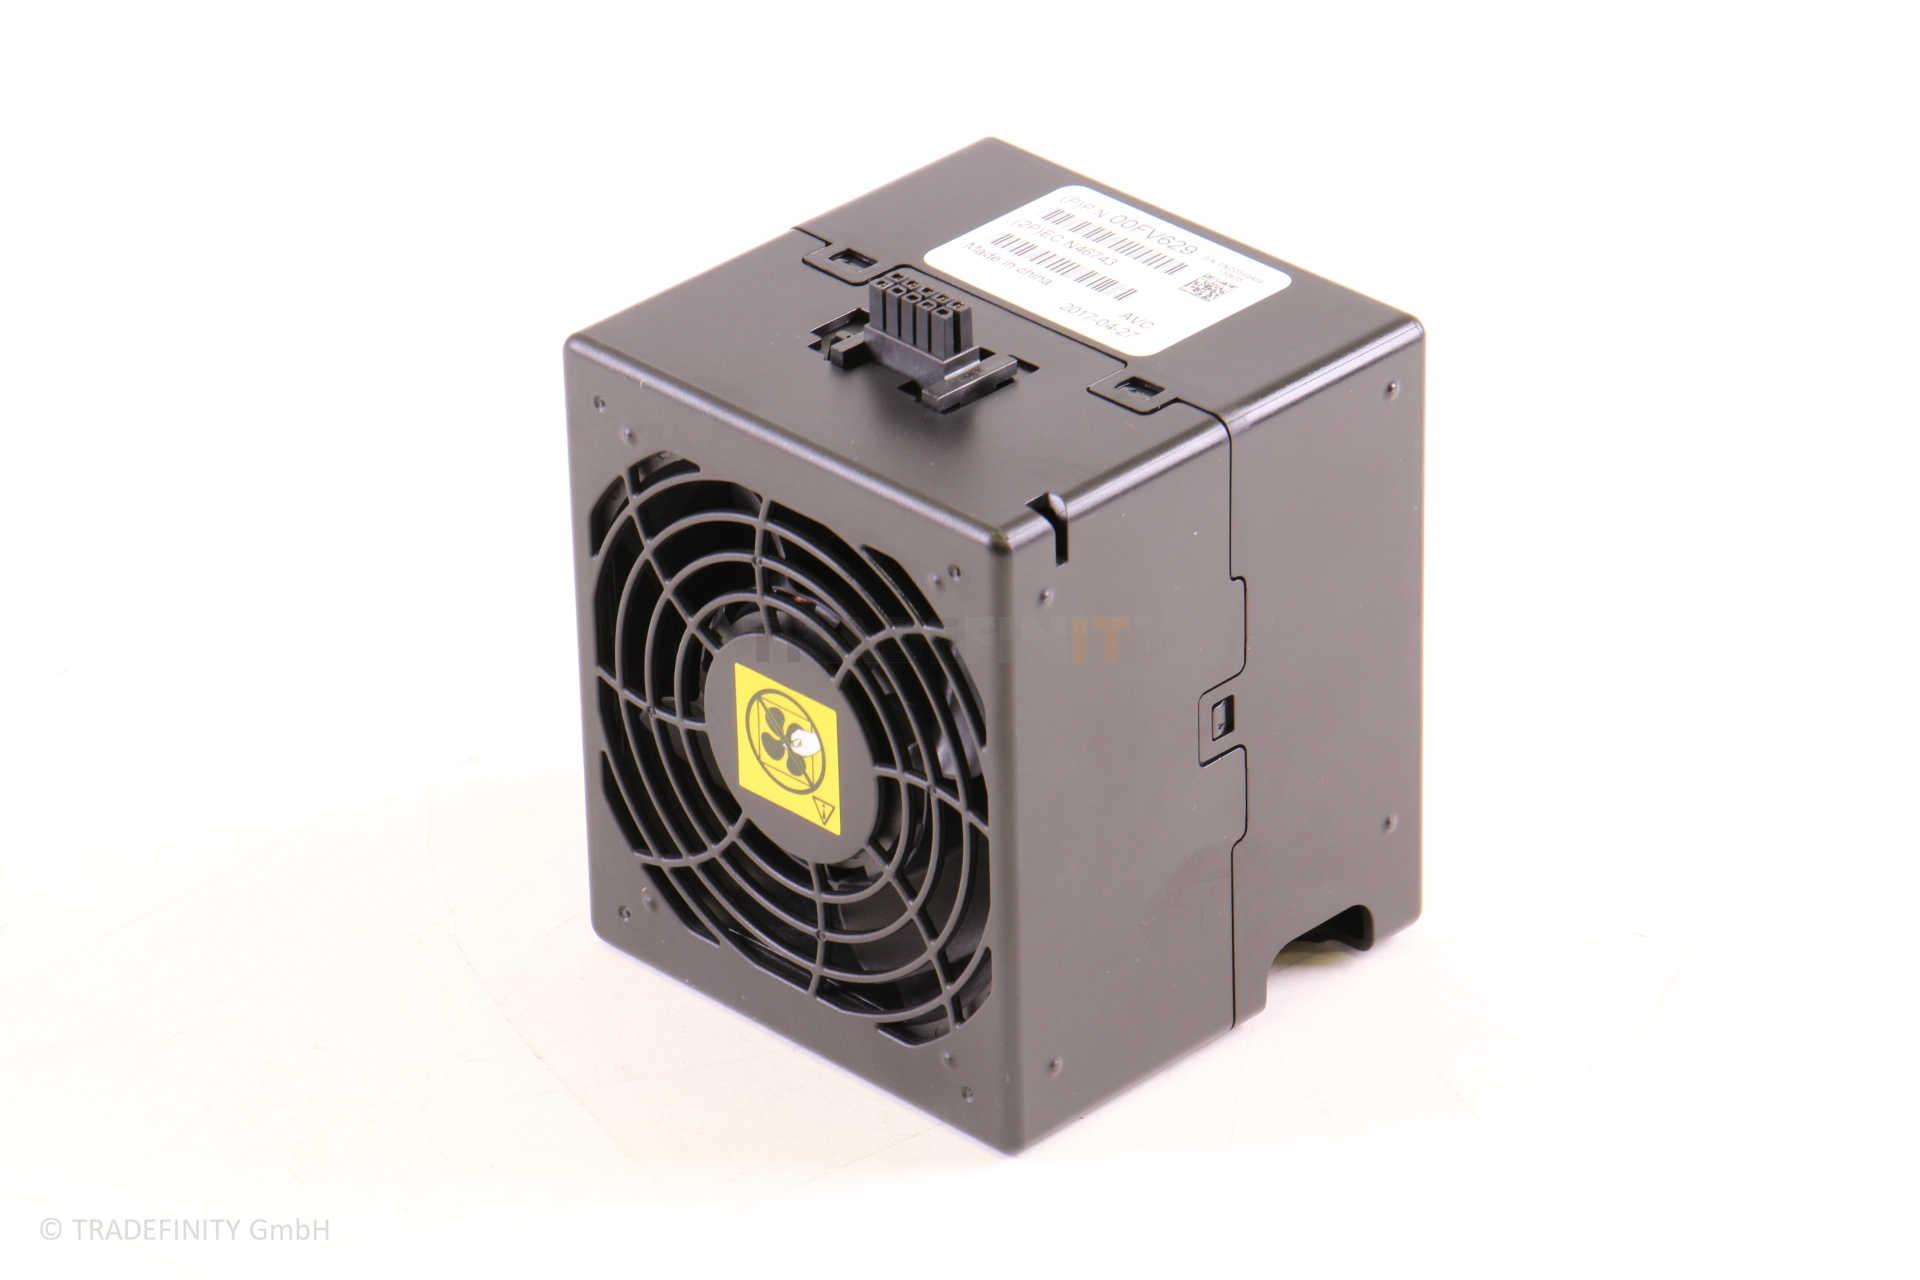 Power S824L Fan Assembly